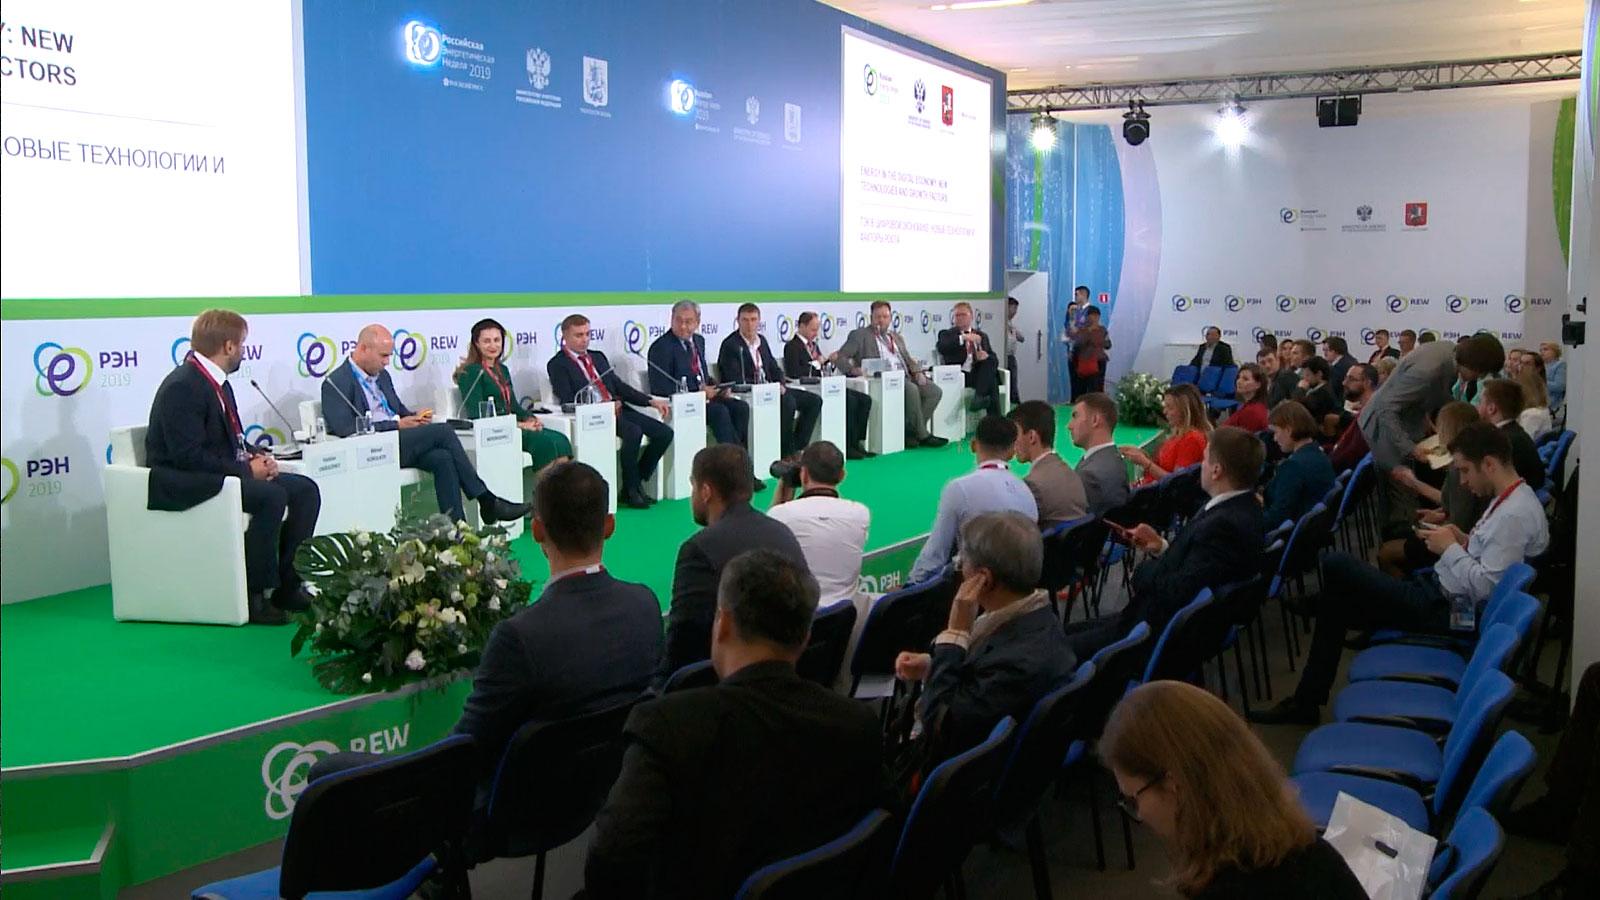 Форум «Российская энергетическая неделя» 2019. Панельная дискуссия «ТЭК в цифровой экономике: новые технологии и факторы роста».